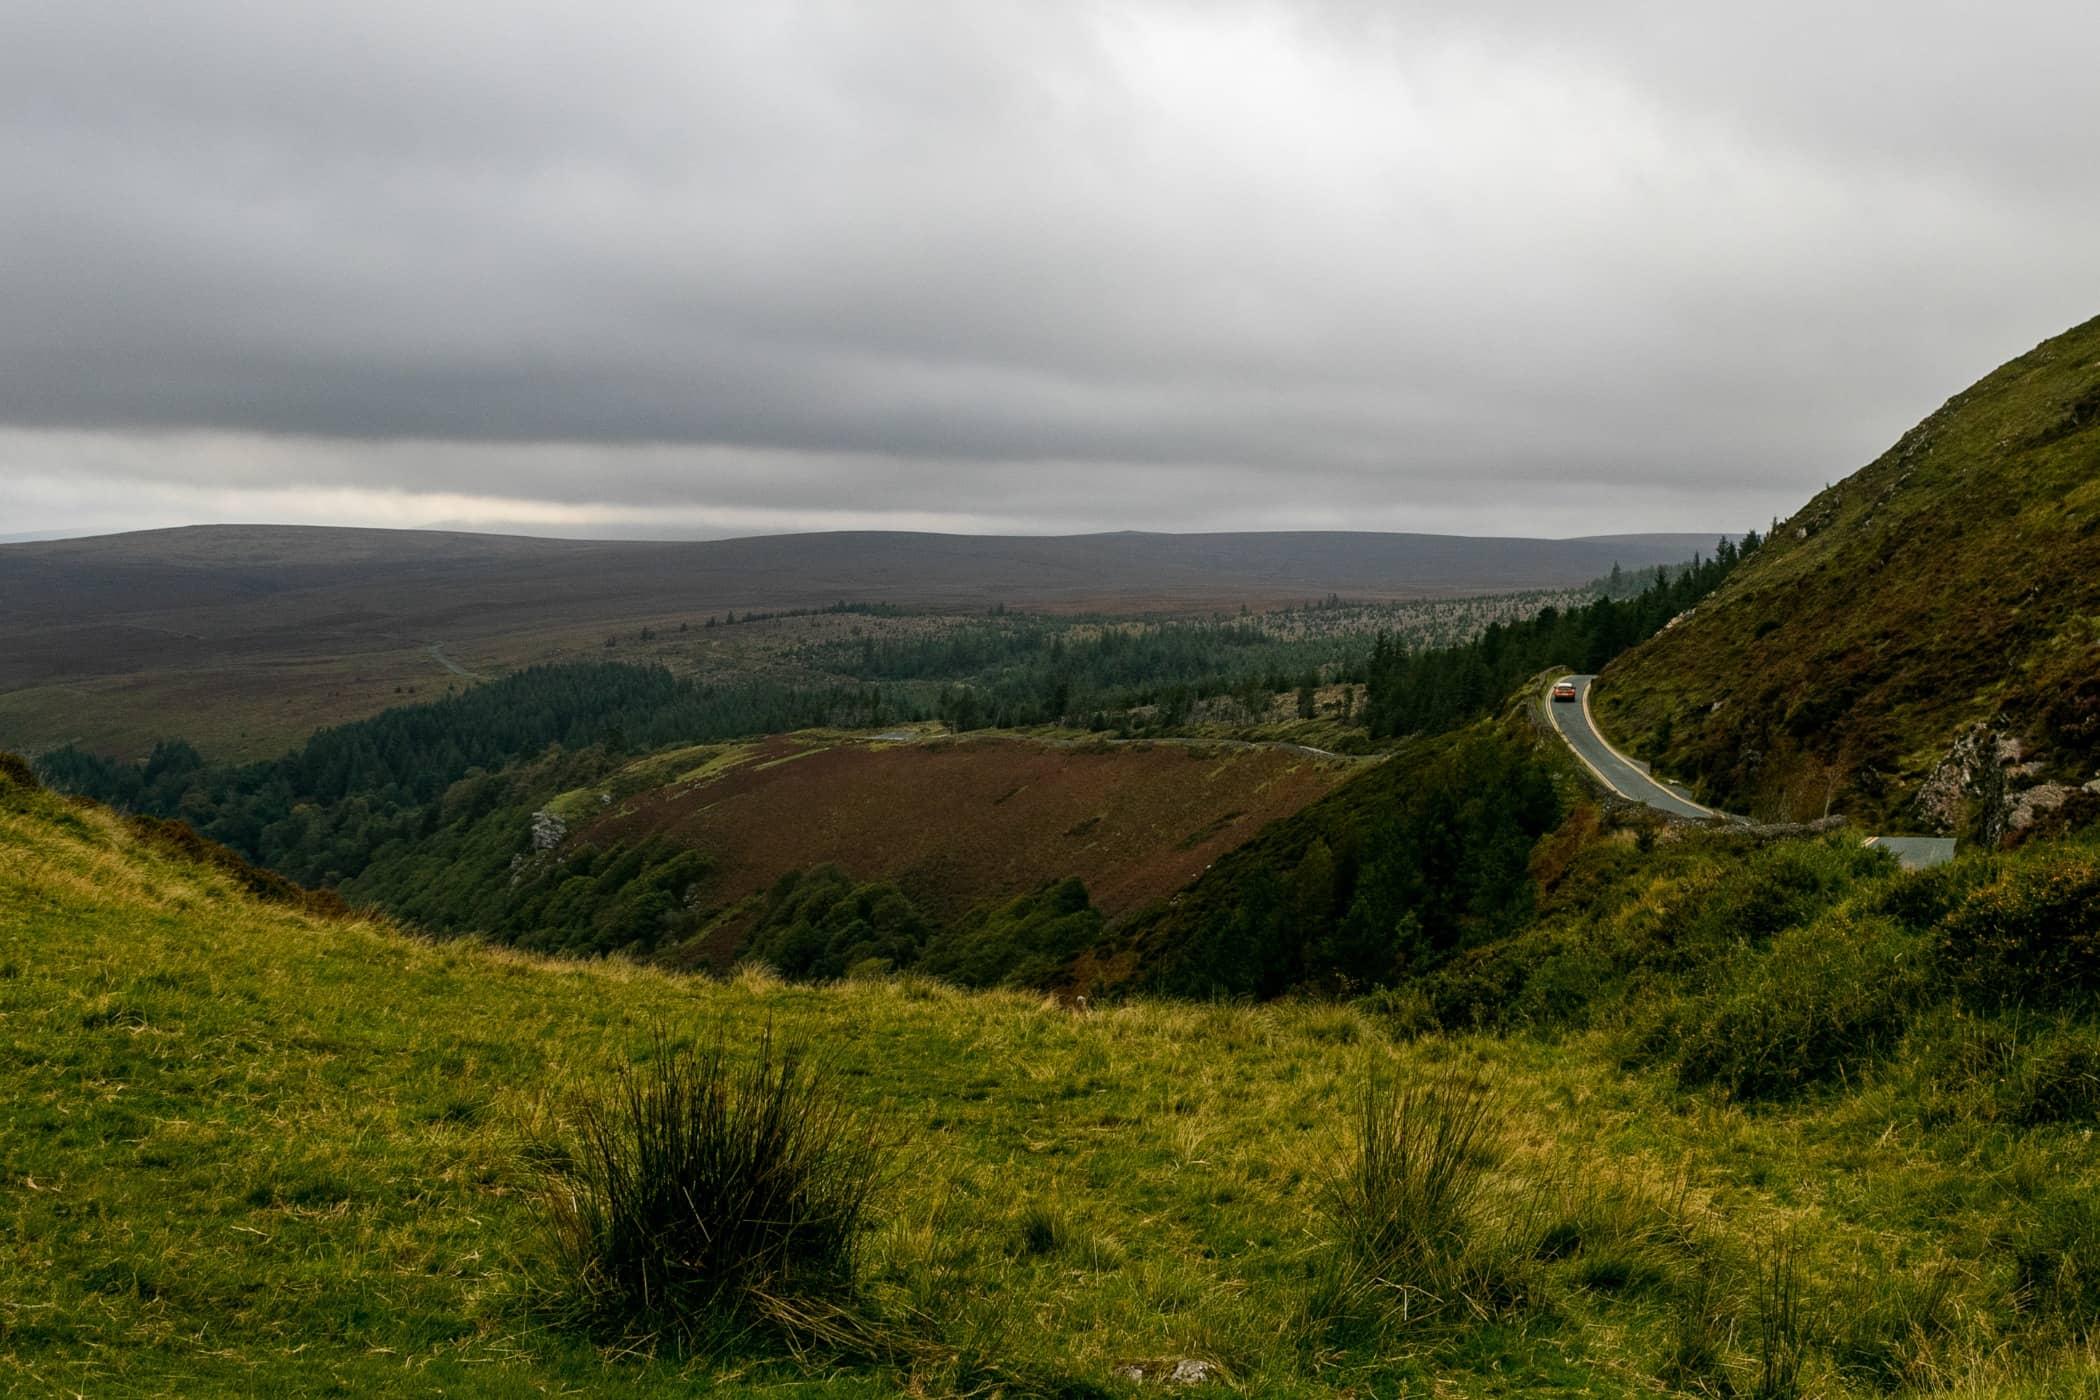 Mountainous landforms, Wilderness, Grassland, Fell, Sky, Green, Mountain, Nature, Hill, Highland